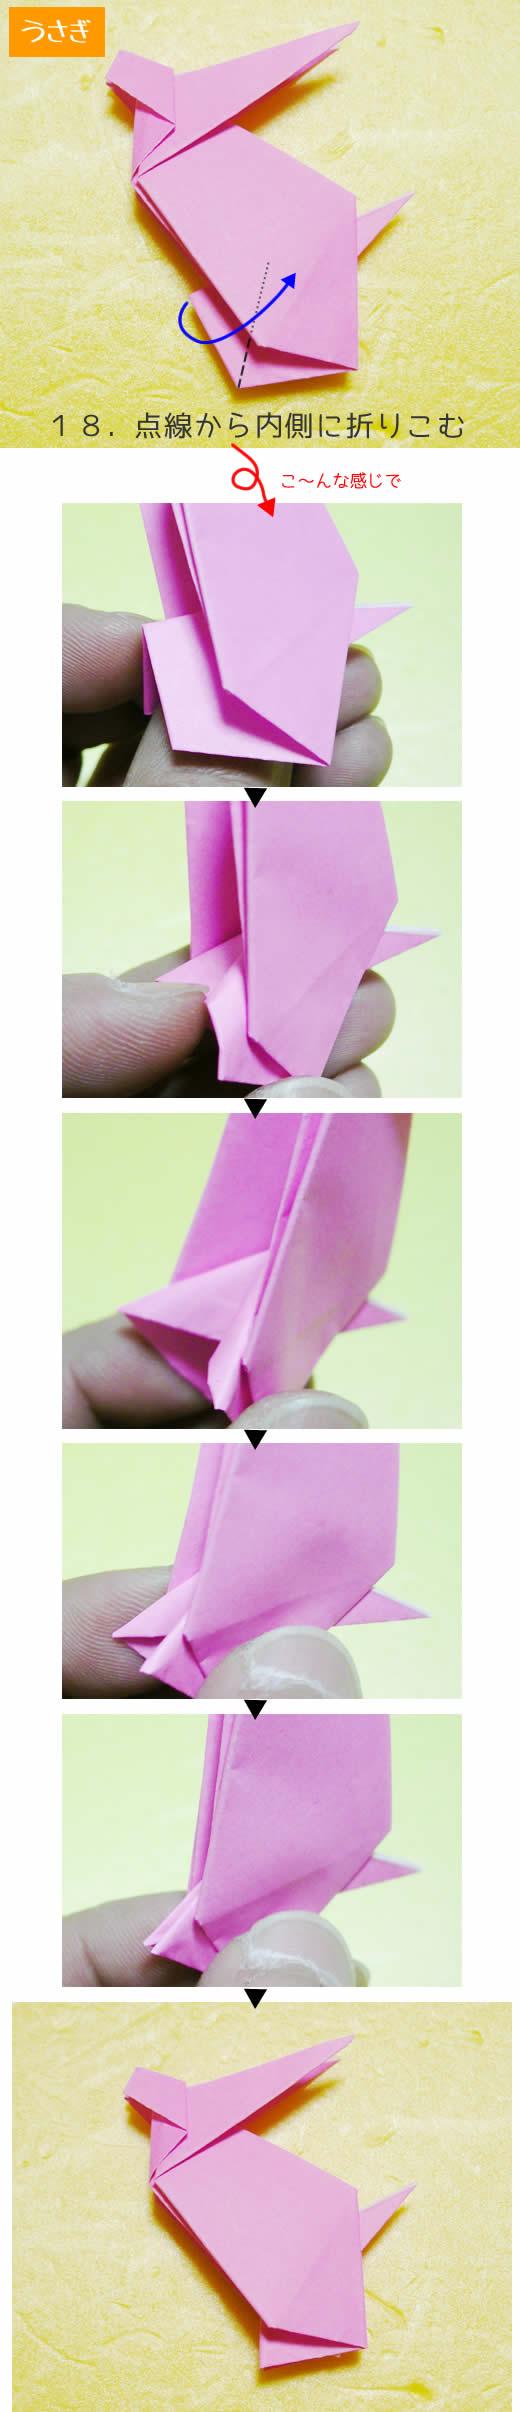 うさぎの折り方18